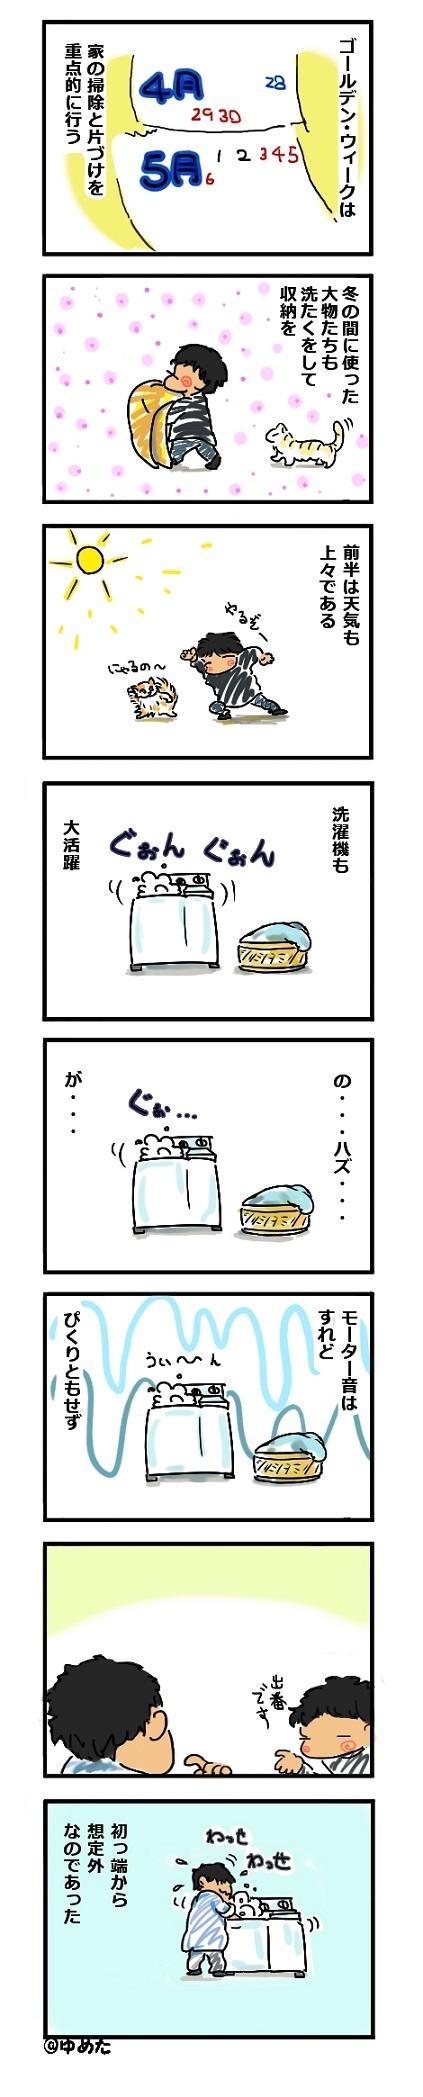 洗濯機90